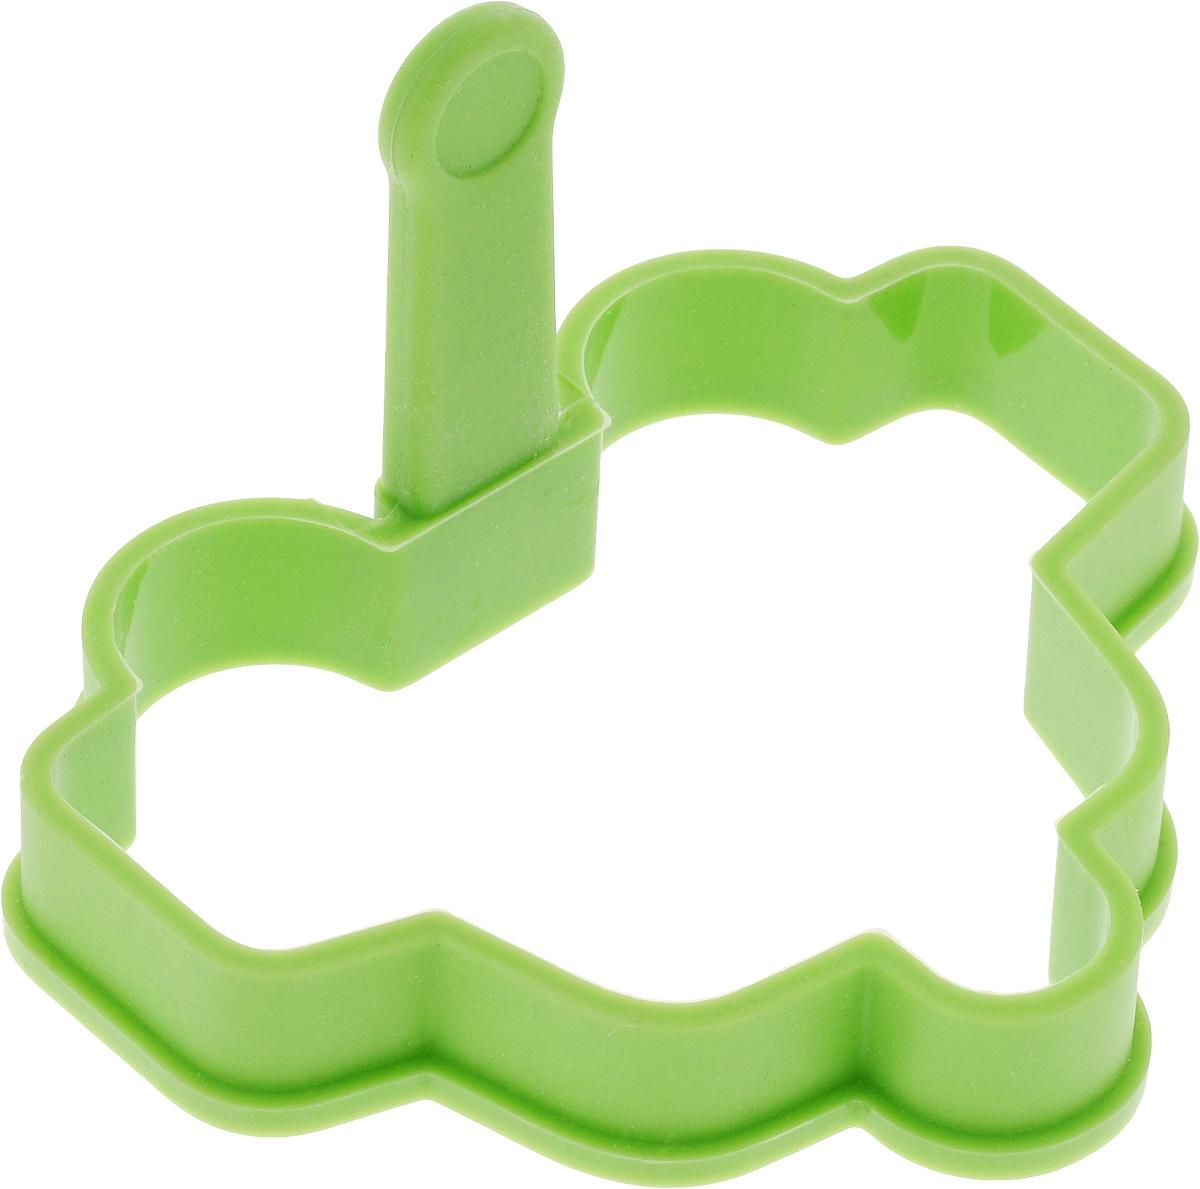 Форма для выпечки Tescoma Delicia Kids. Машинка, 12 х 11 см630951Форма для выпечки Tescoma Delicia Kids. Машинка изготовлена из высококачественного термостойкого силикона, который выдерживает температуру от -40°С до +230°С. Форма идеально подойдет для приготовления глазуньи, омлета, оладьев или драников на сковороде или в духовке, а также для приготовления желе, пудингов. Оснащена удобной ручкой.Можно мыть в посудомоечной машине, использовать в СВЧ-печи и духовке.